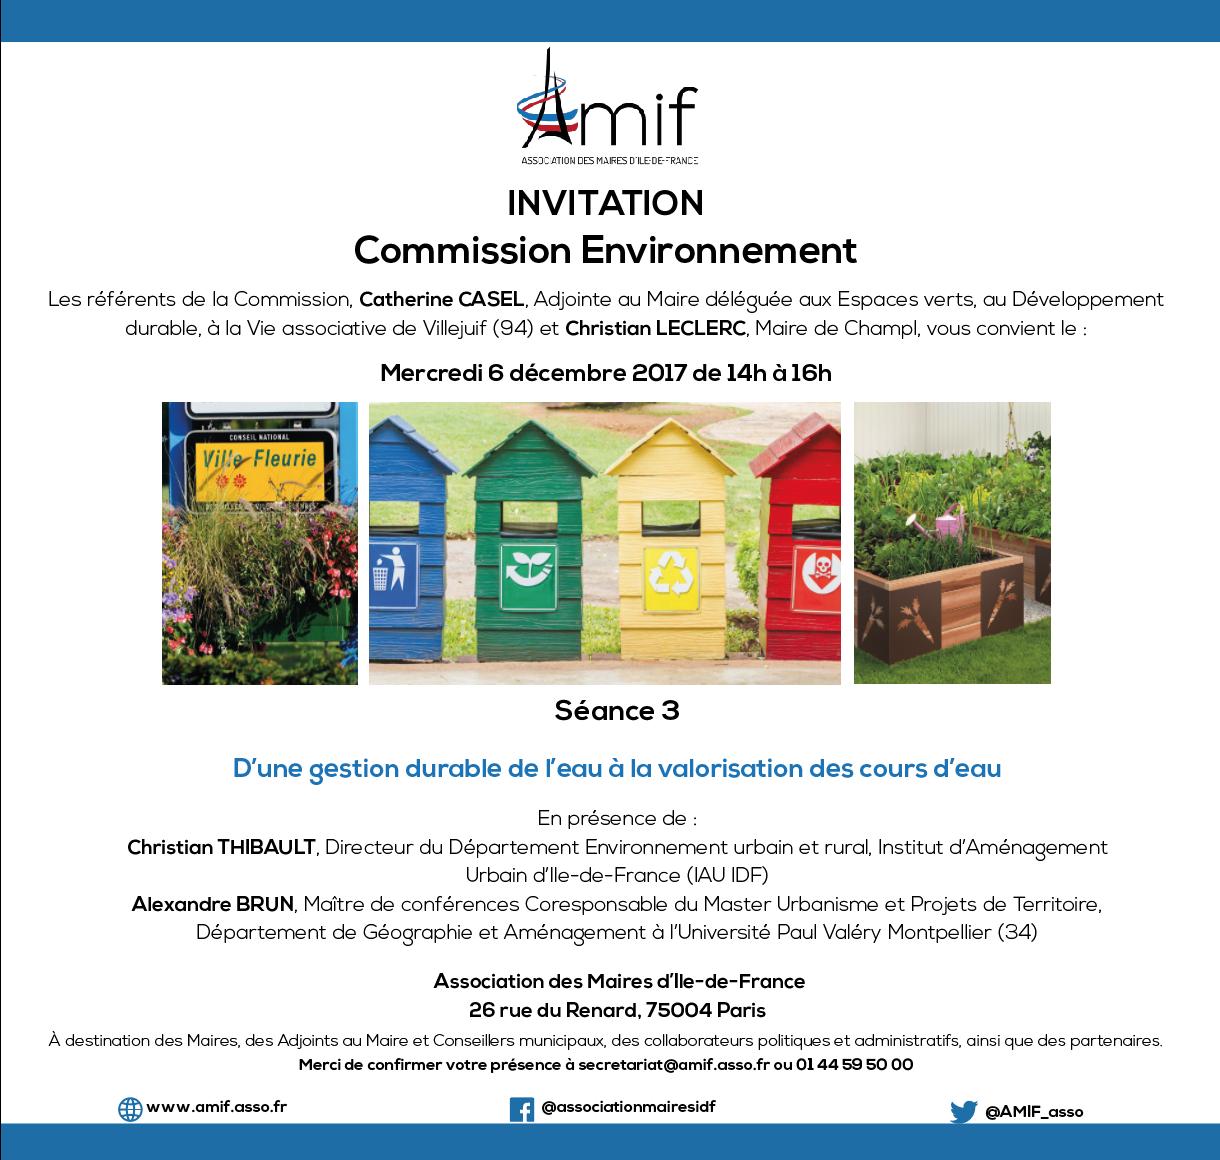 Commission Environnement - Séance 3 - Mercredi 6 décembre 2017 - 14h-16h